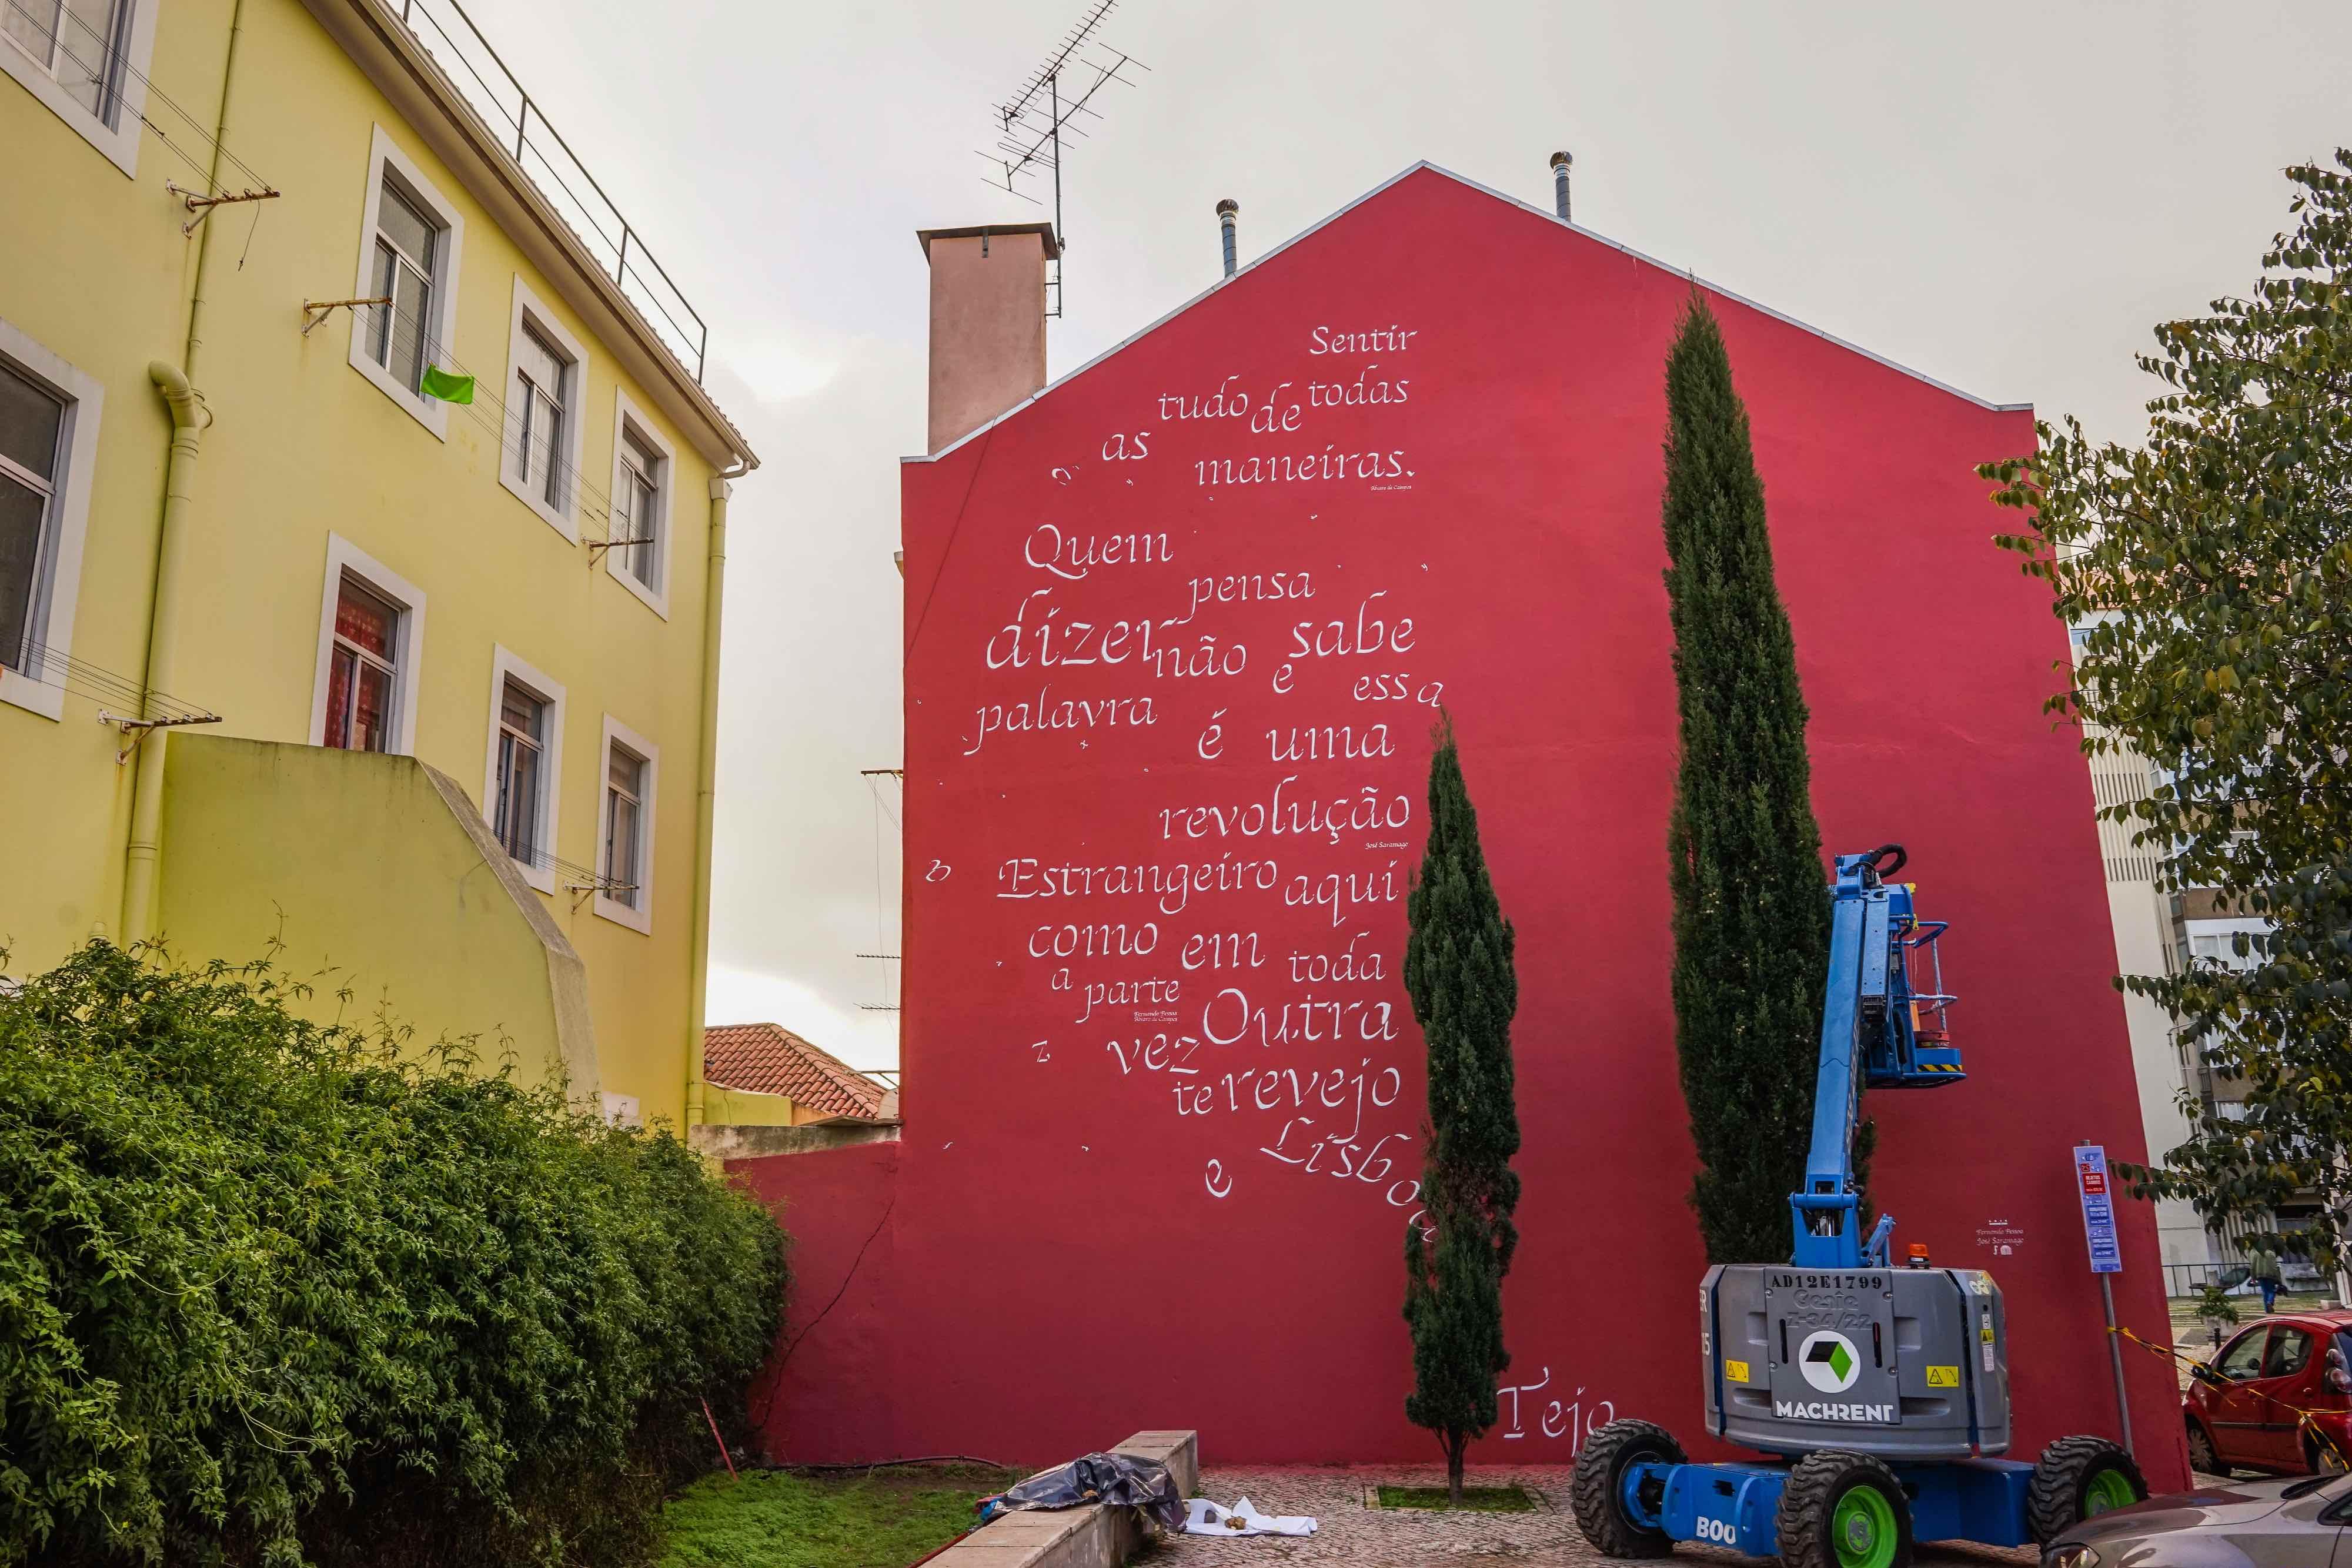 Opiemme, Lisboa, 2018 Ph José Frade